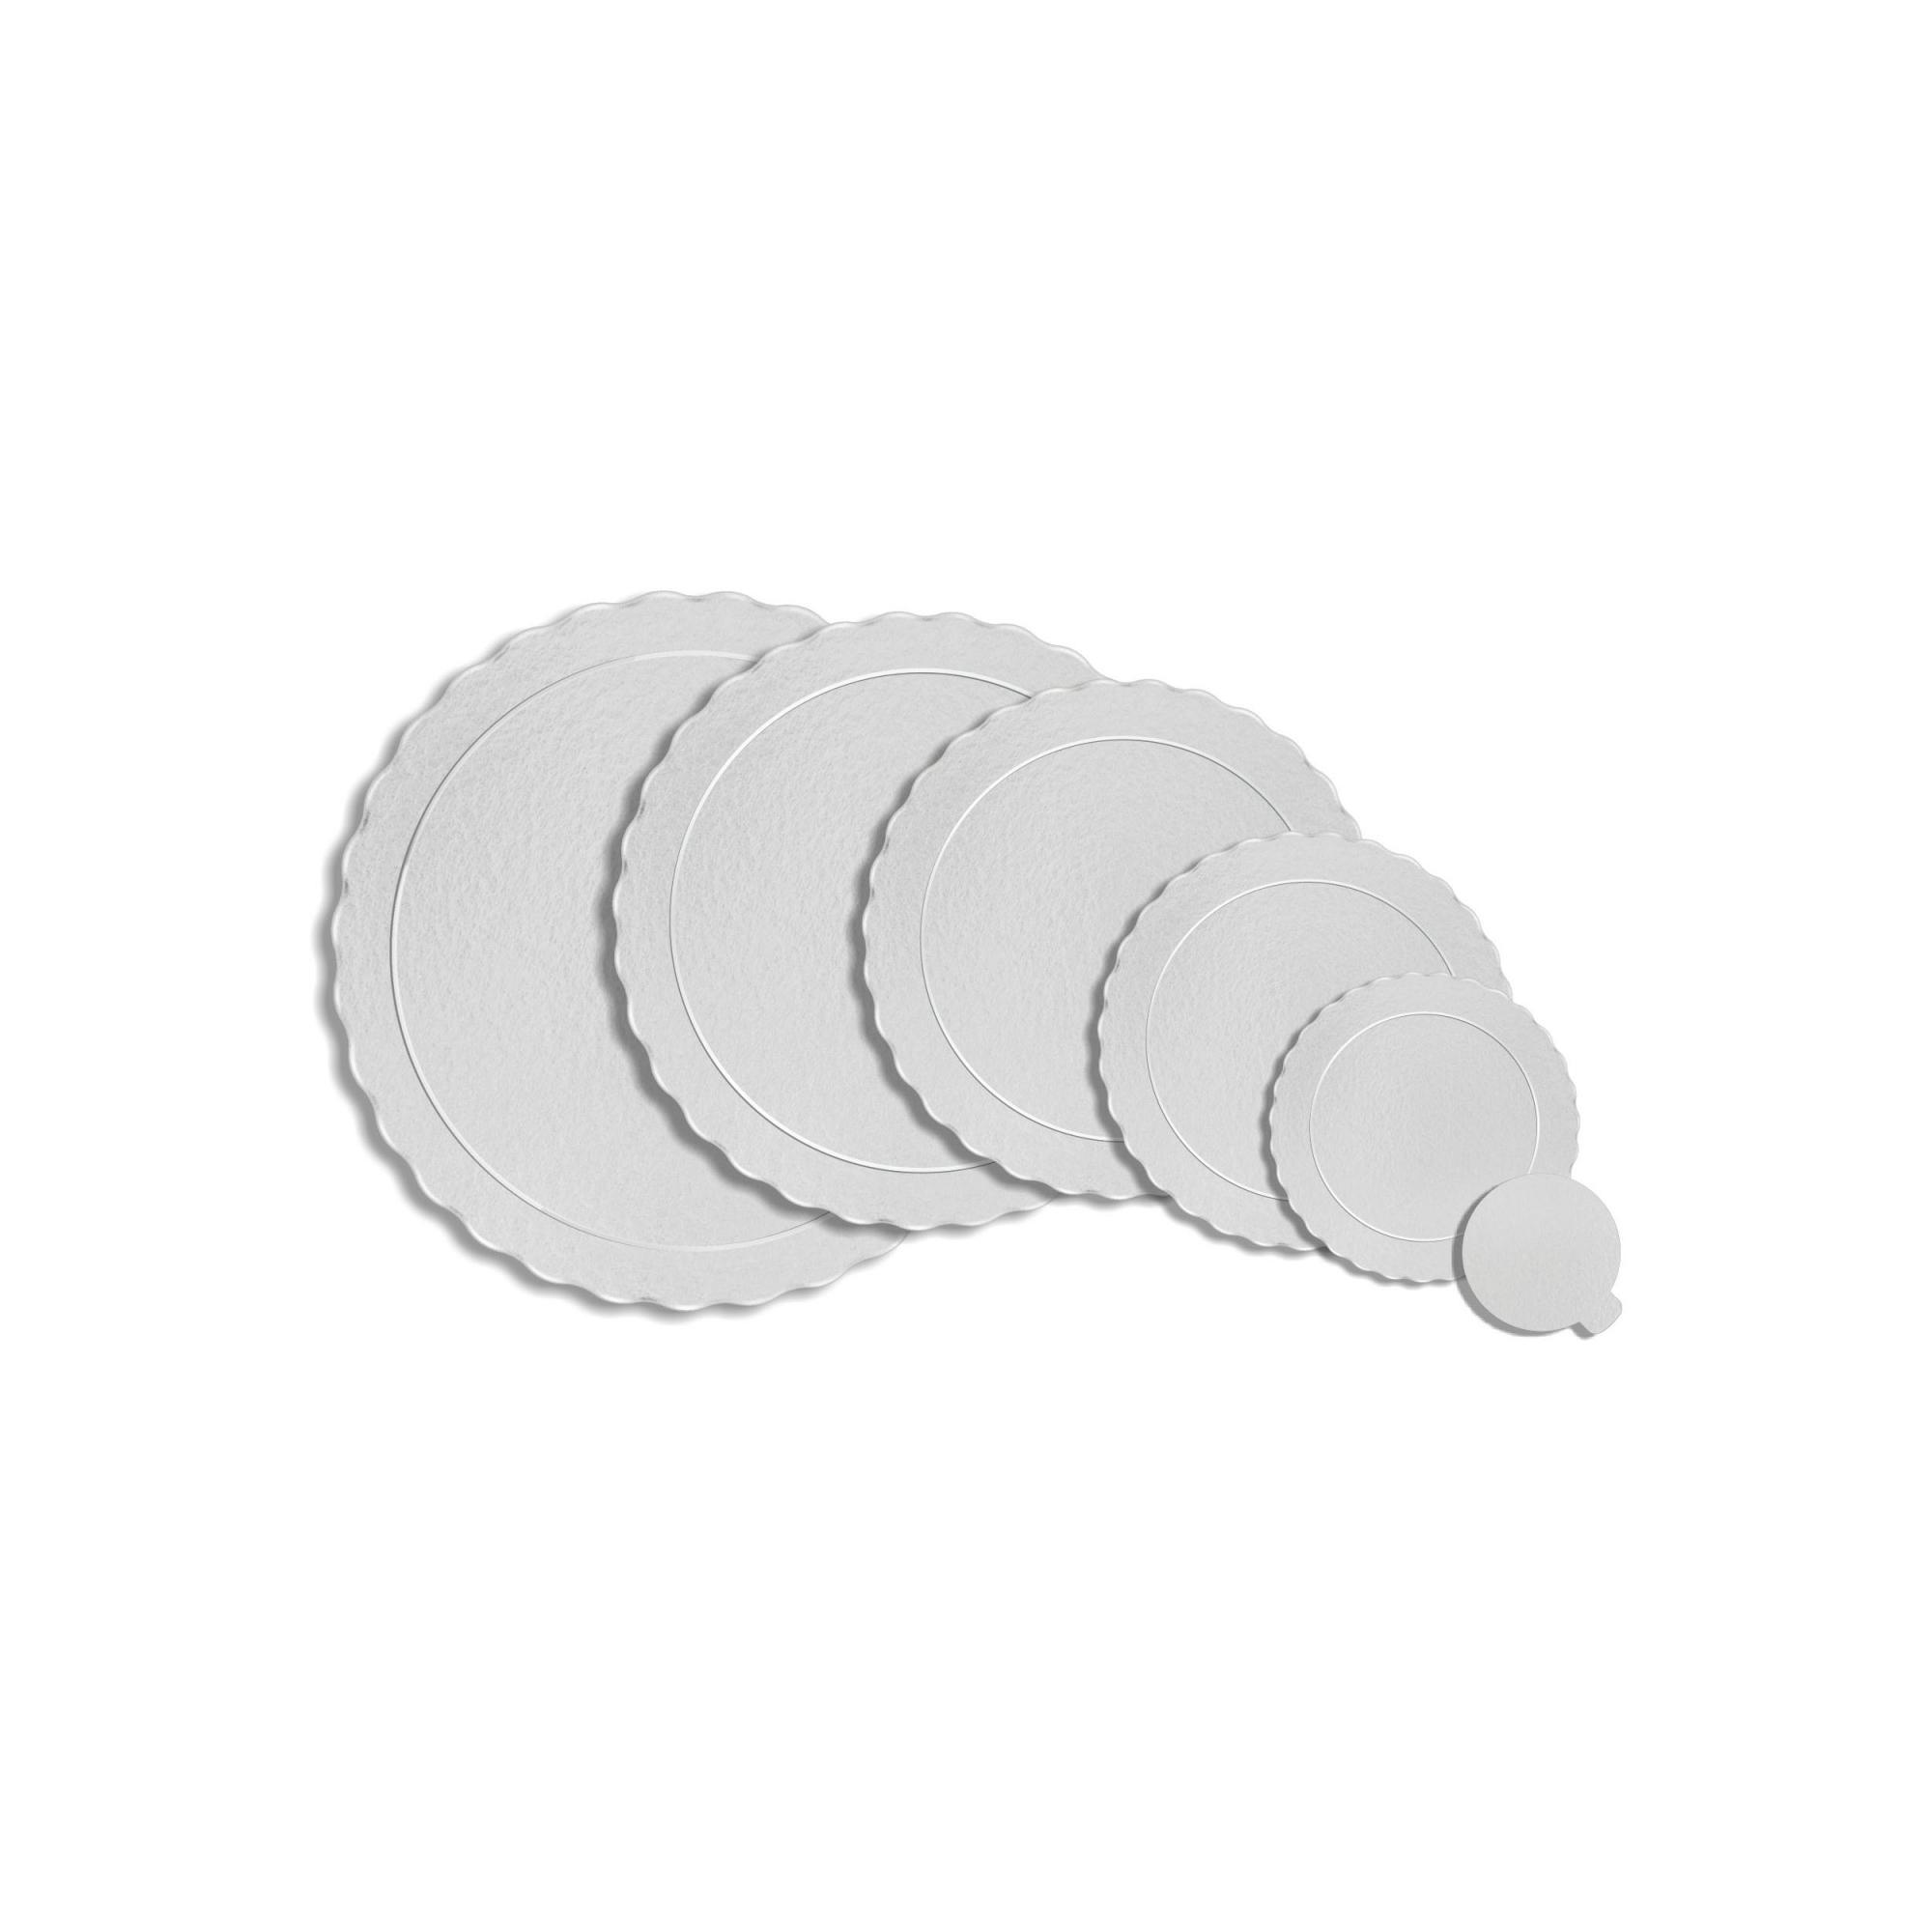 60 Bases Laminadas, Suporte P/ Bolo, Cake Board, Kit 24, 28 e 32cm - Branca